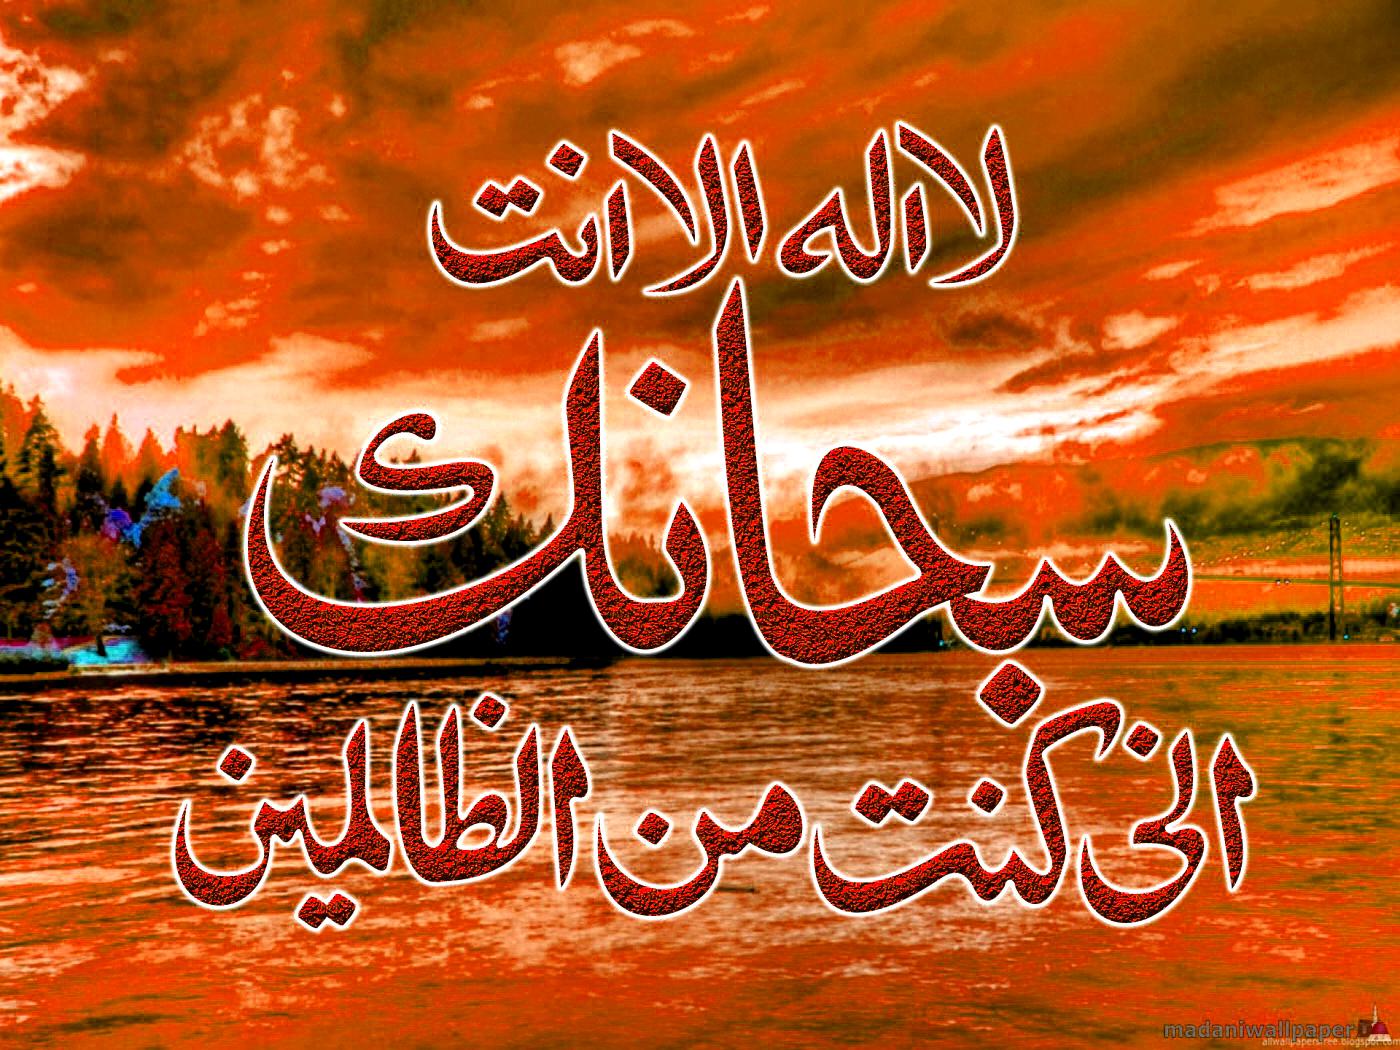 بالصور رمزيات اسلاميه , اجمل الصور والخلفيات الاسلامية 3050